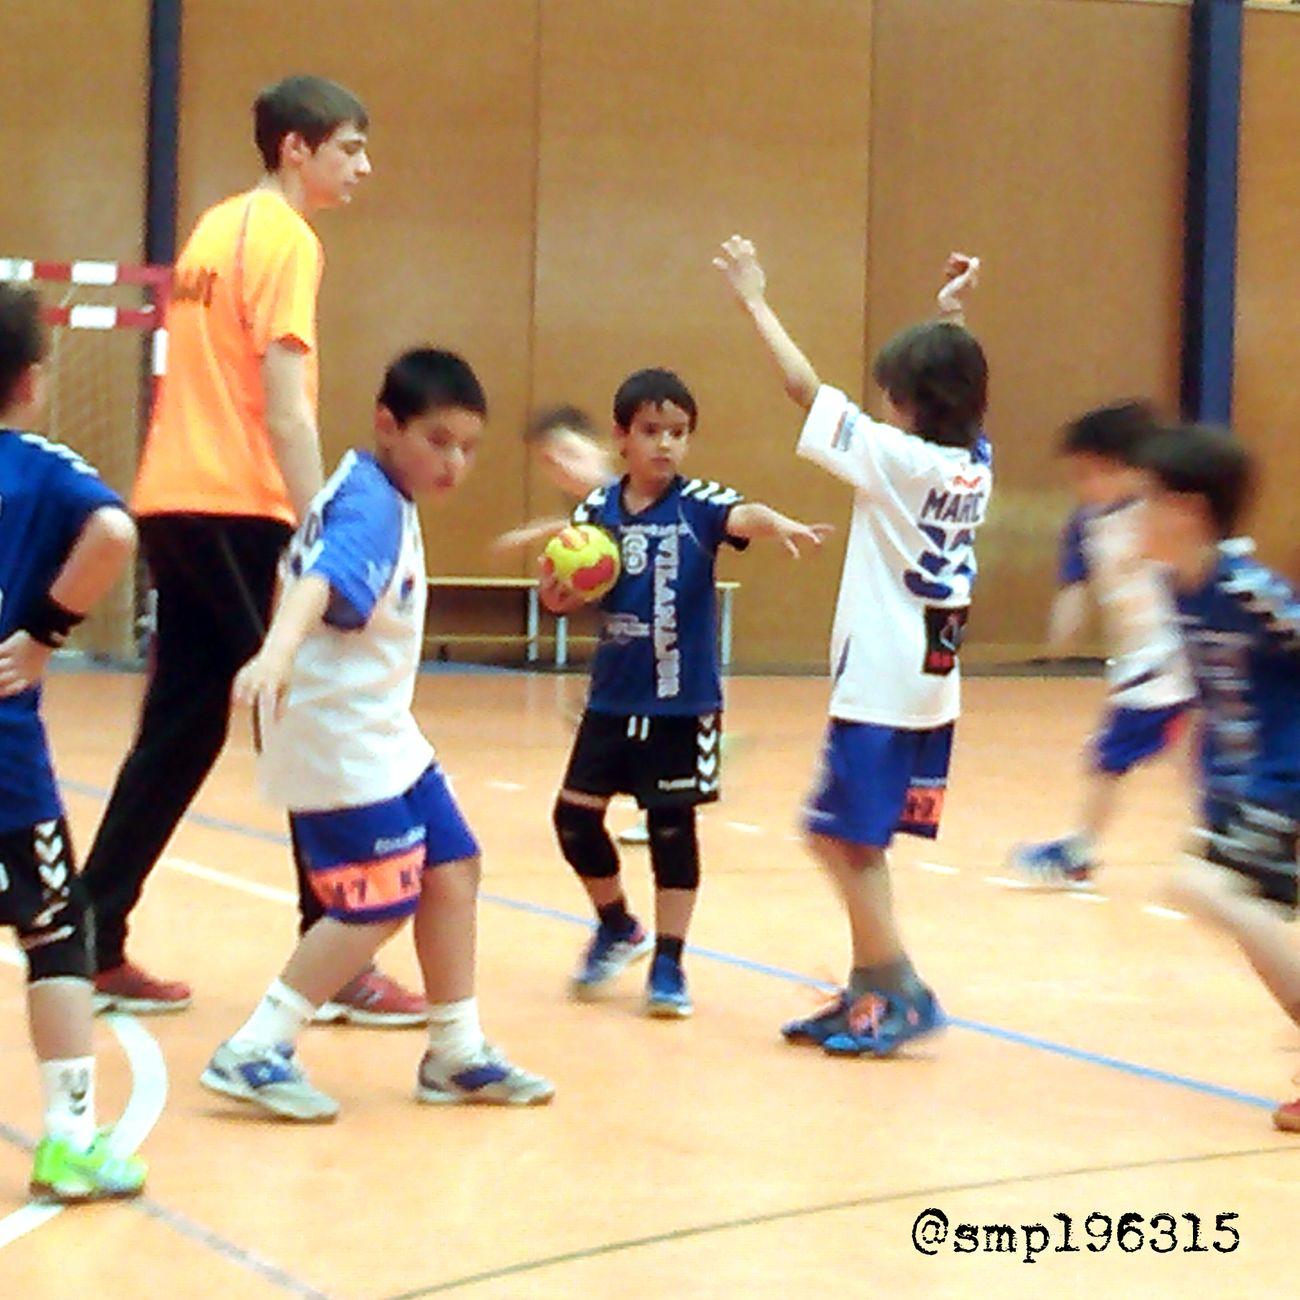 Handball Santantonidevilamajor vs Granollers prebenjamín 10/15. Igersvoriental